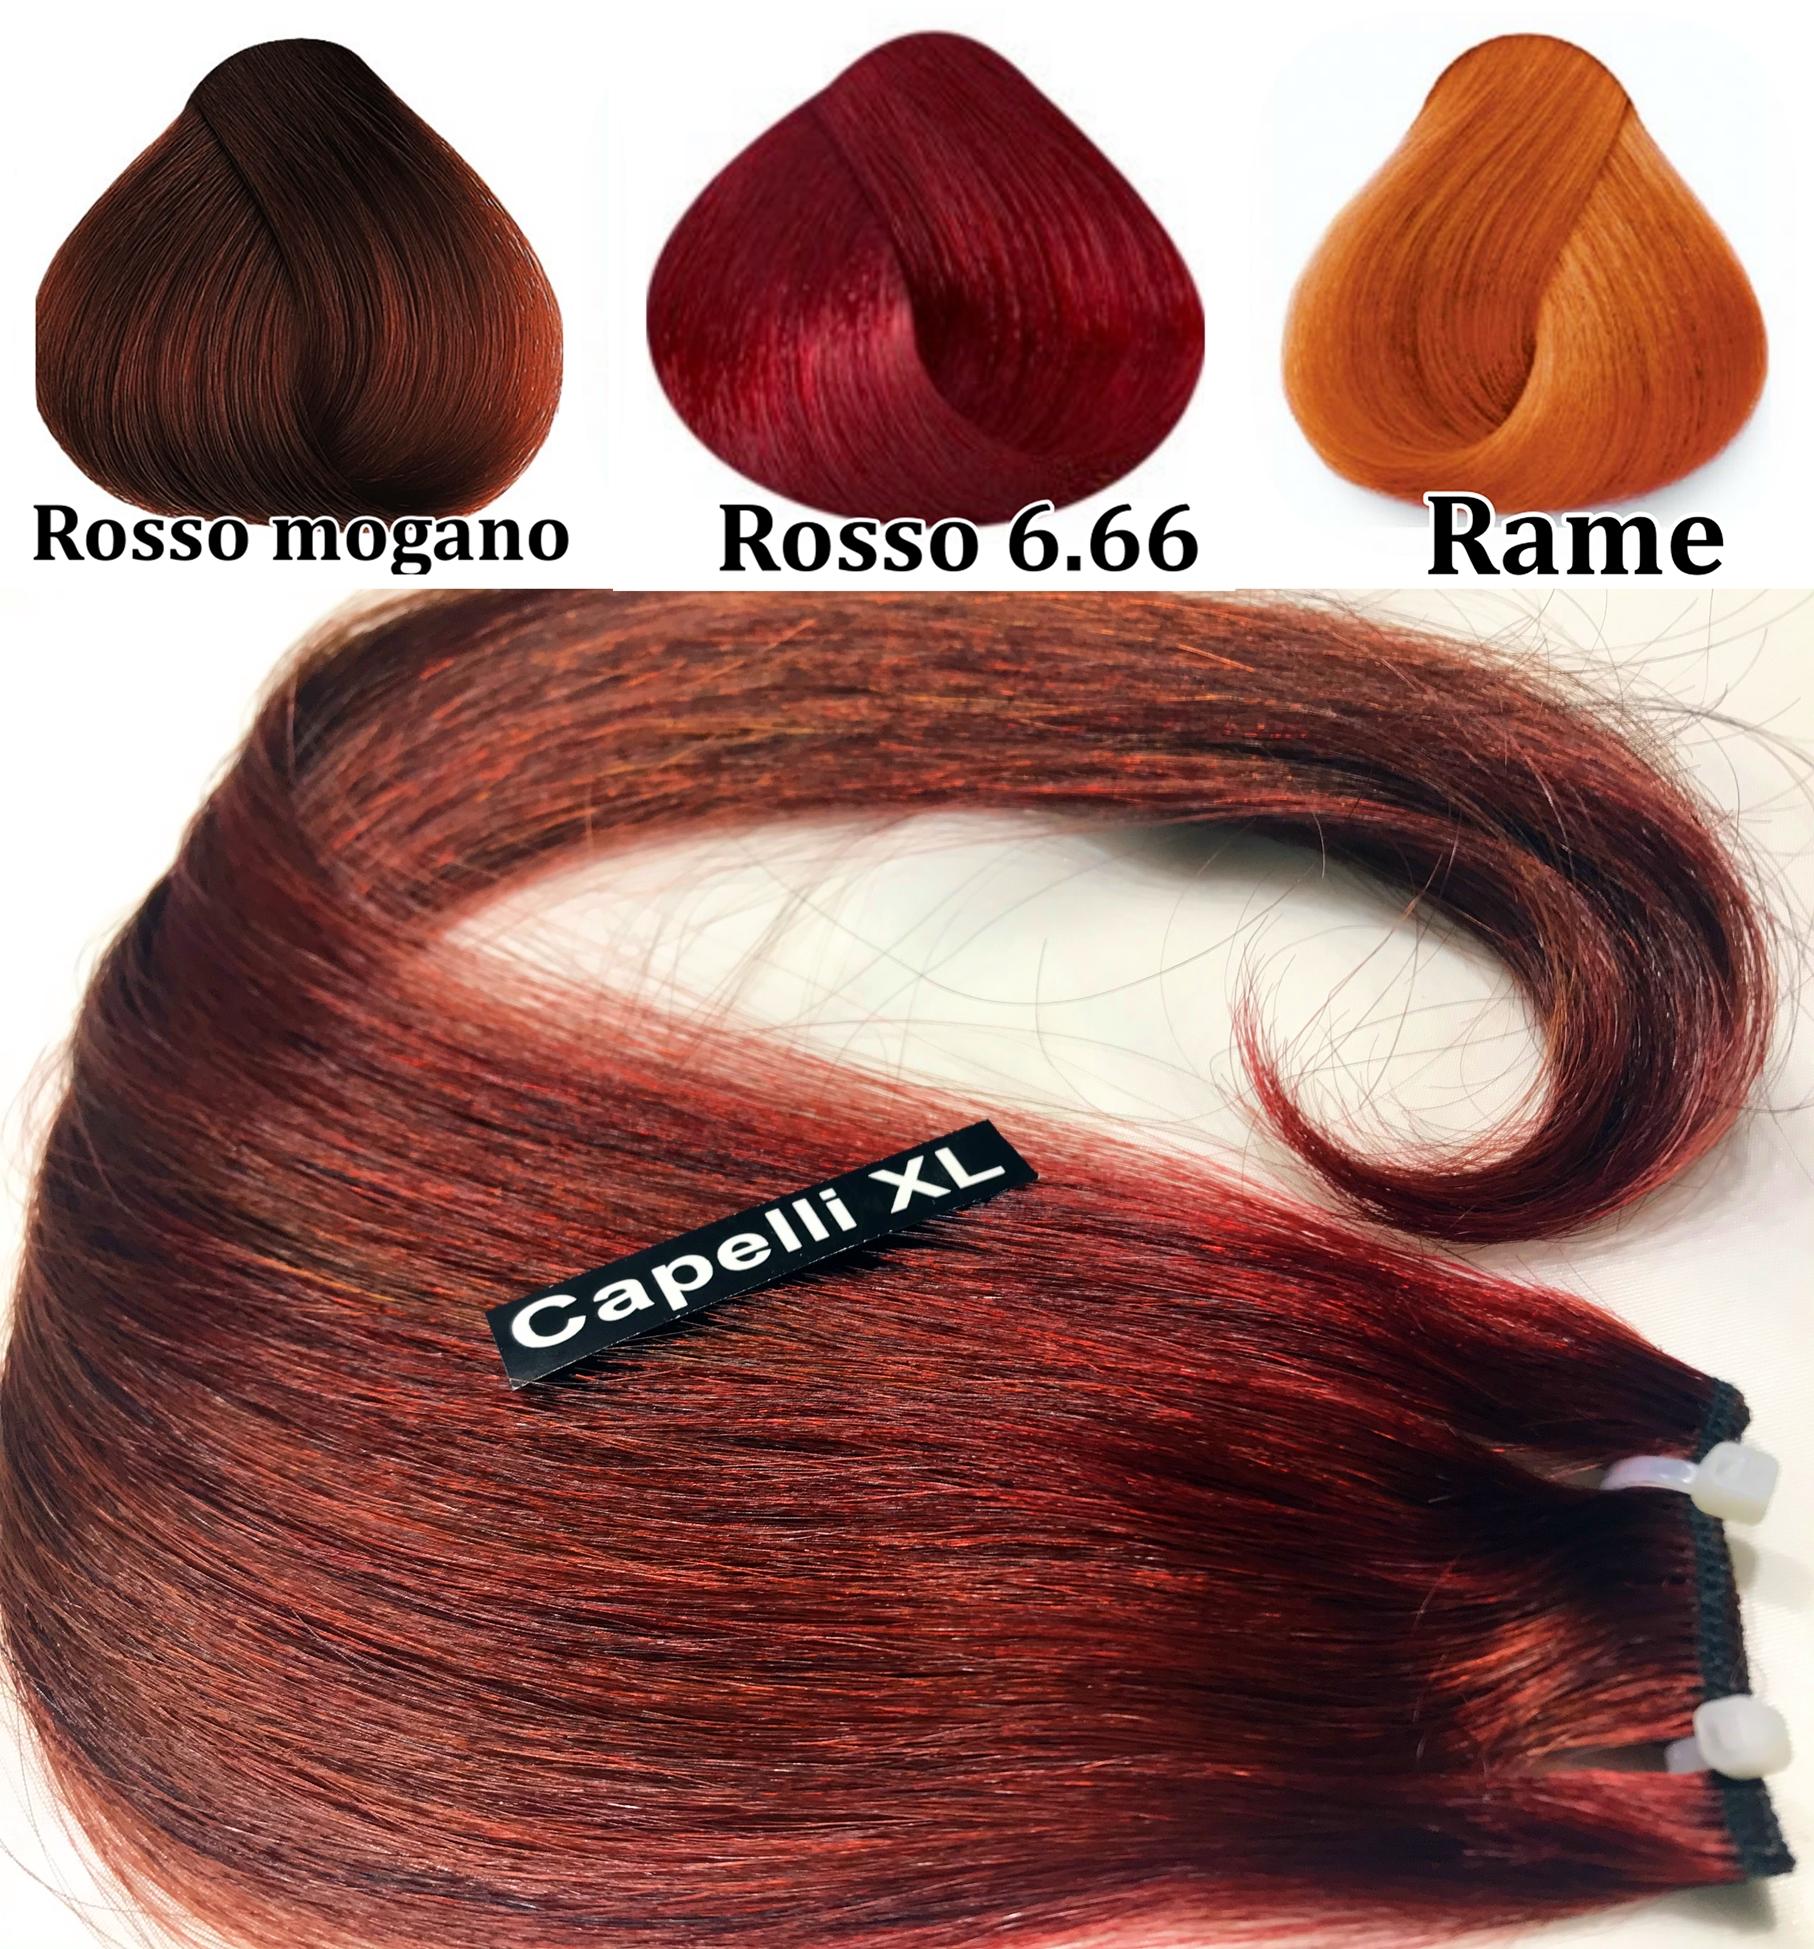 Capelli veri remy Colore Rosso 6.66 Rosso mogano, Colore rame